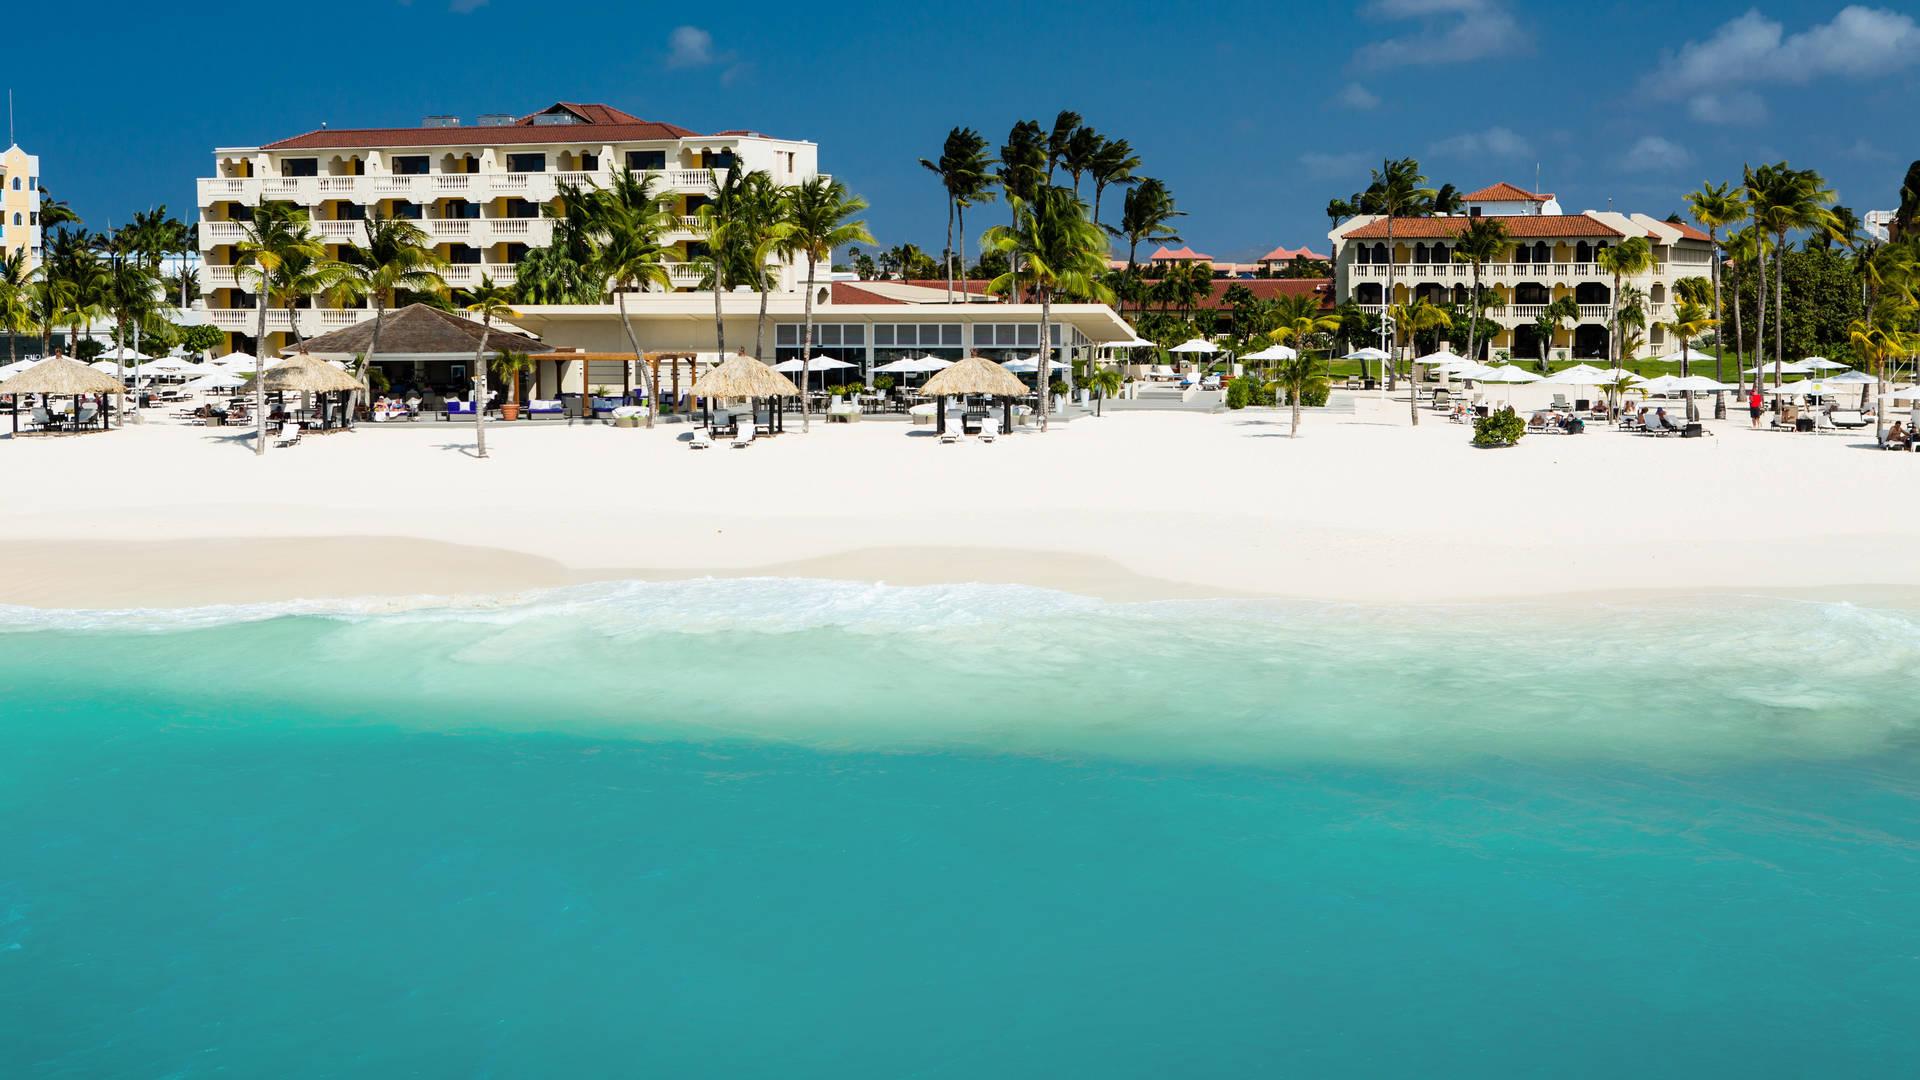 Bucu & Tara Beach Resort Aruba